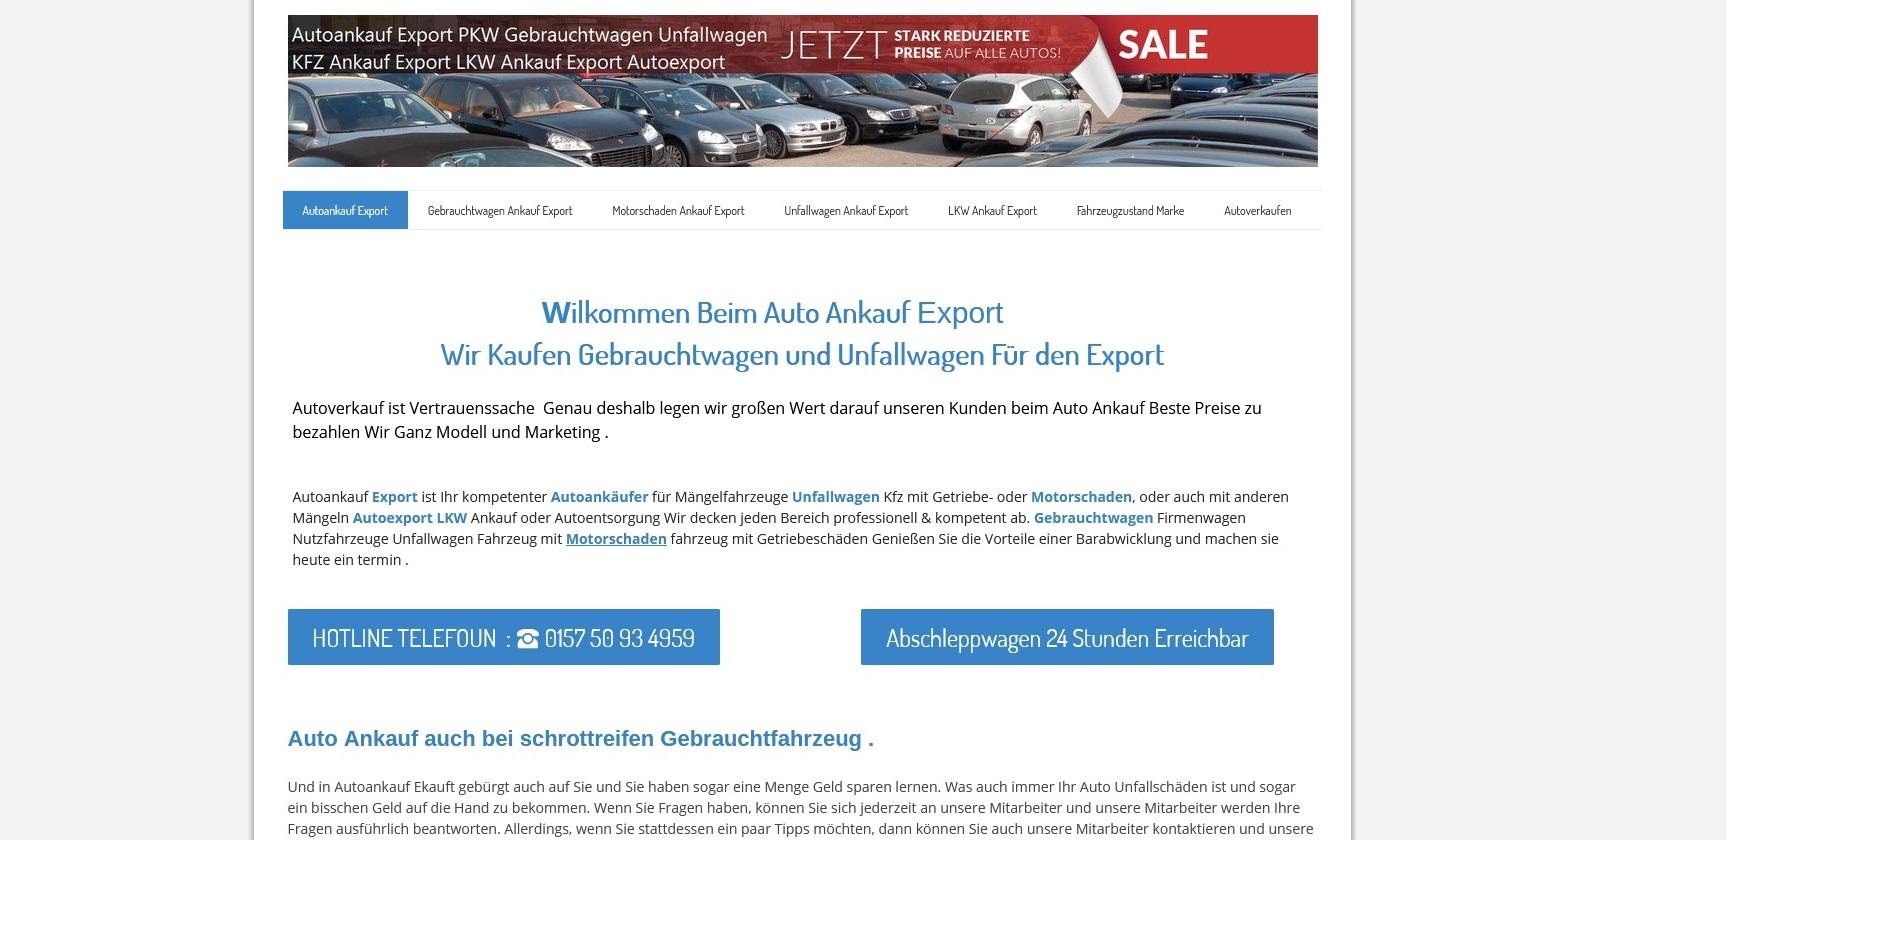 Kfz-Ankauf-export.de | Autoankauf Chemnitz | Autoankauf Export Chemnitz